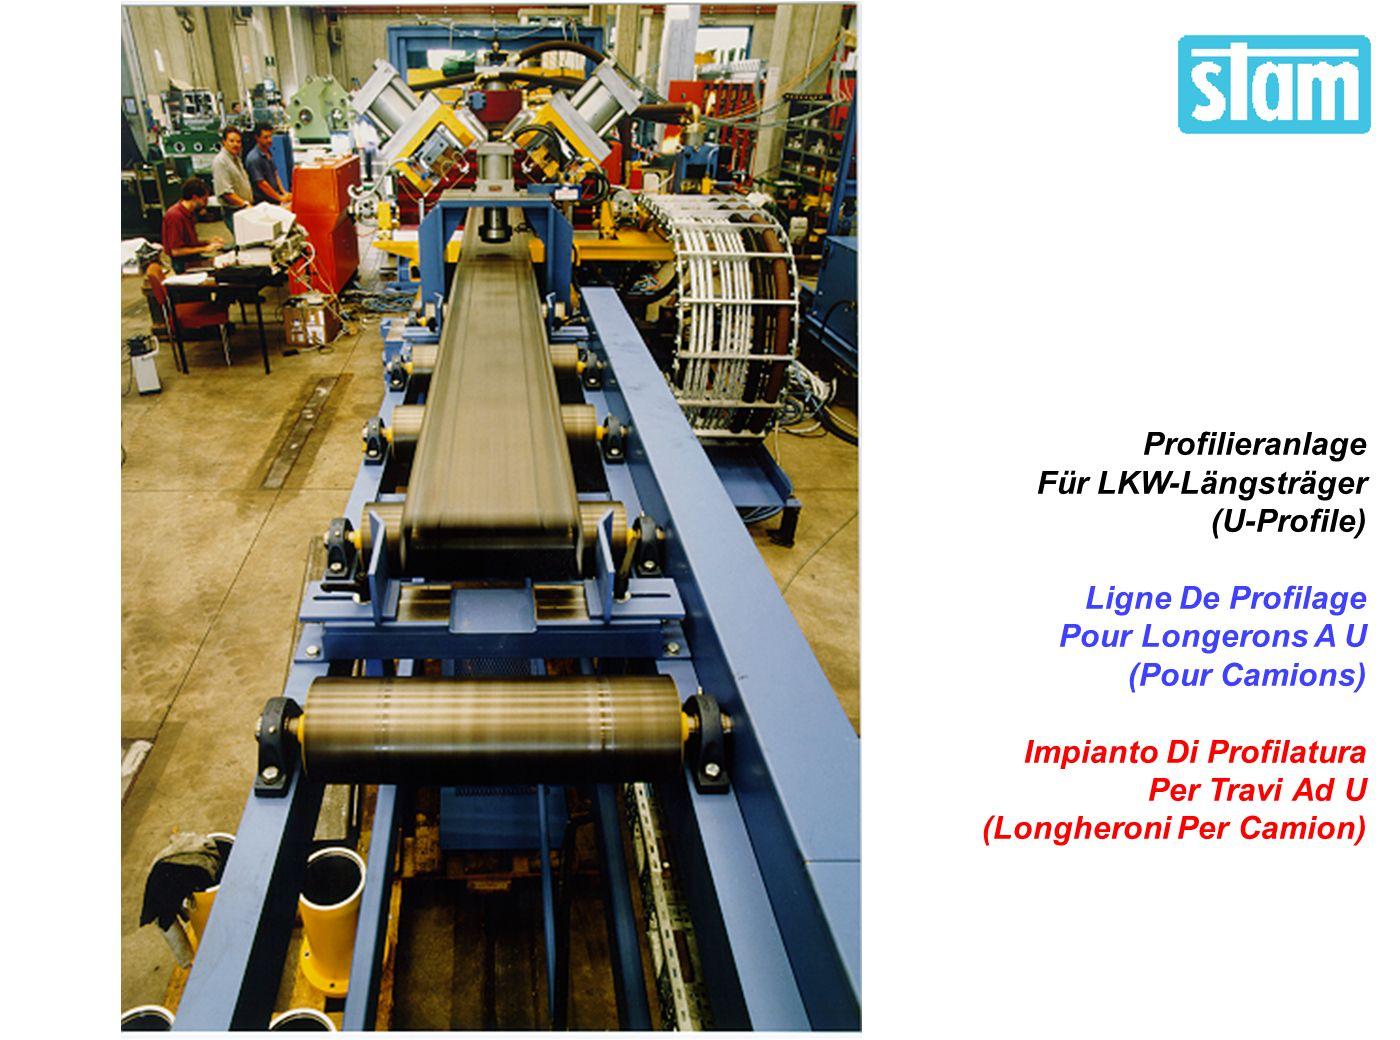 C 322.00 Rollforming Line For U Beams (Truck Side Members) Profilieranlage Für LKW-Längsträger (U-Profile) Ligne De Profilage Pour Longerons A U (Pour